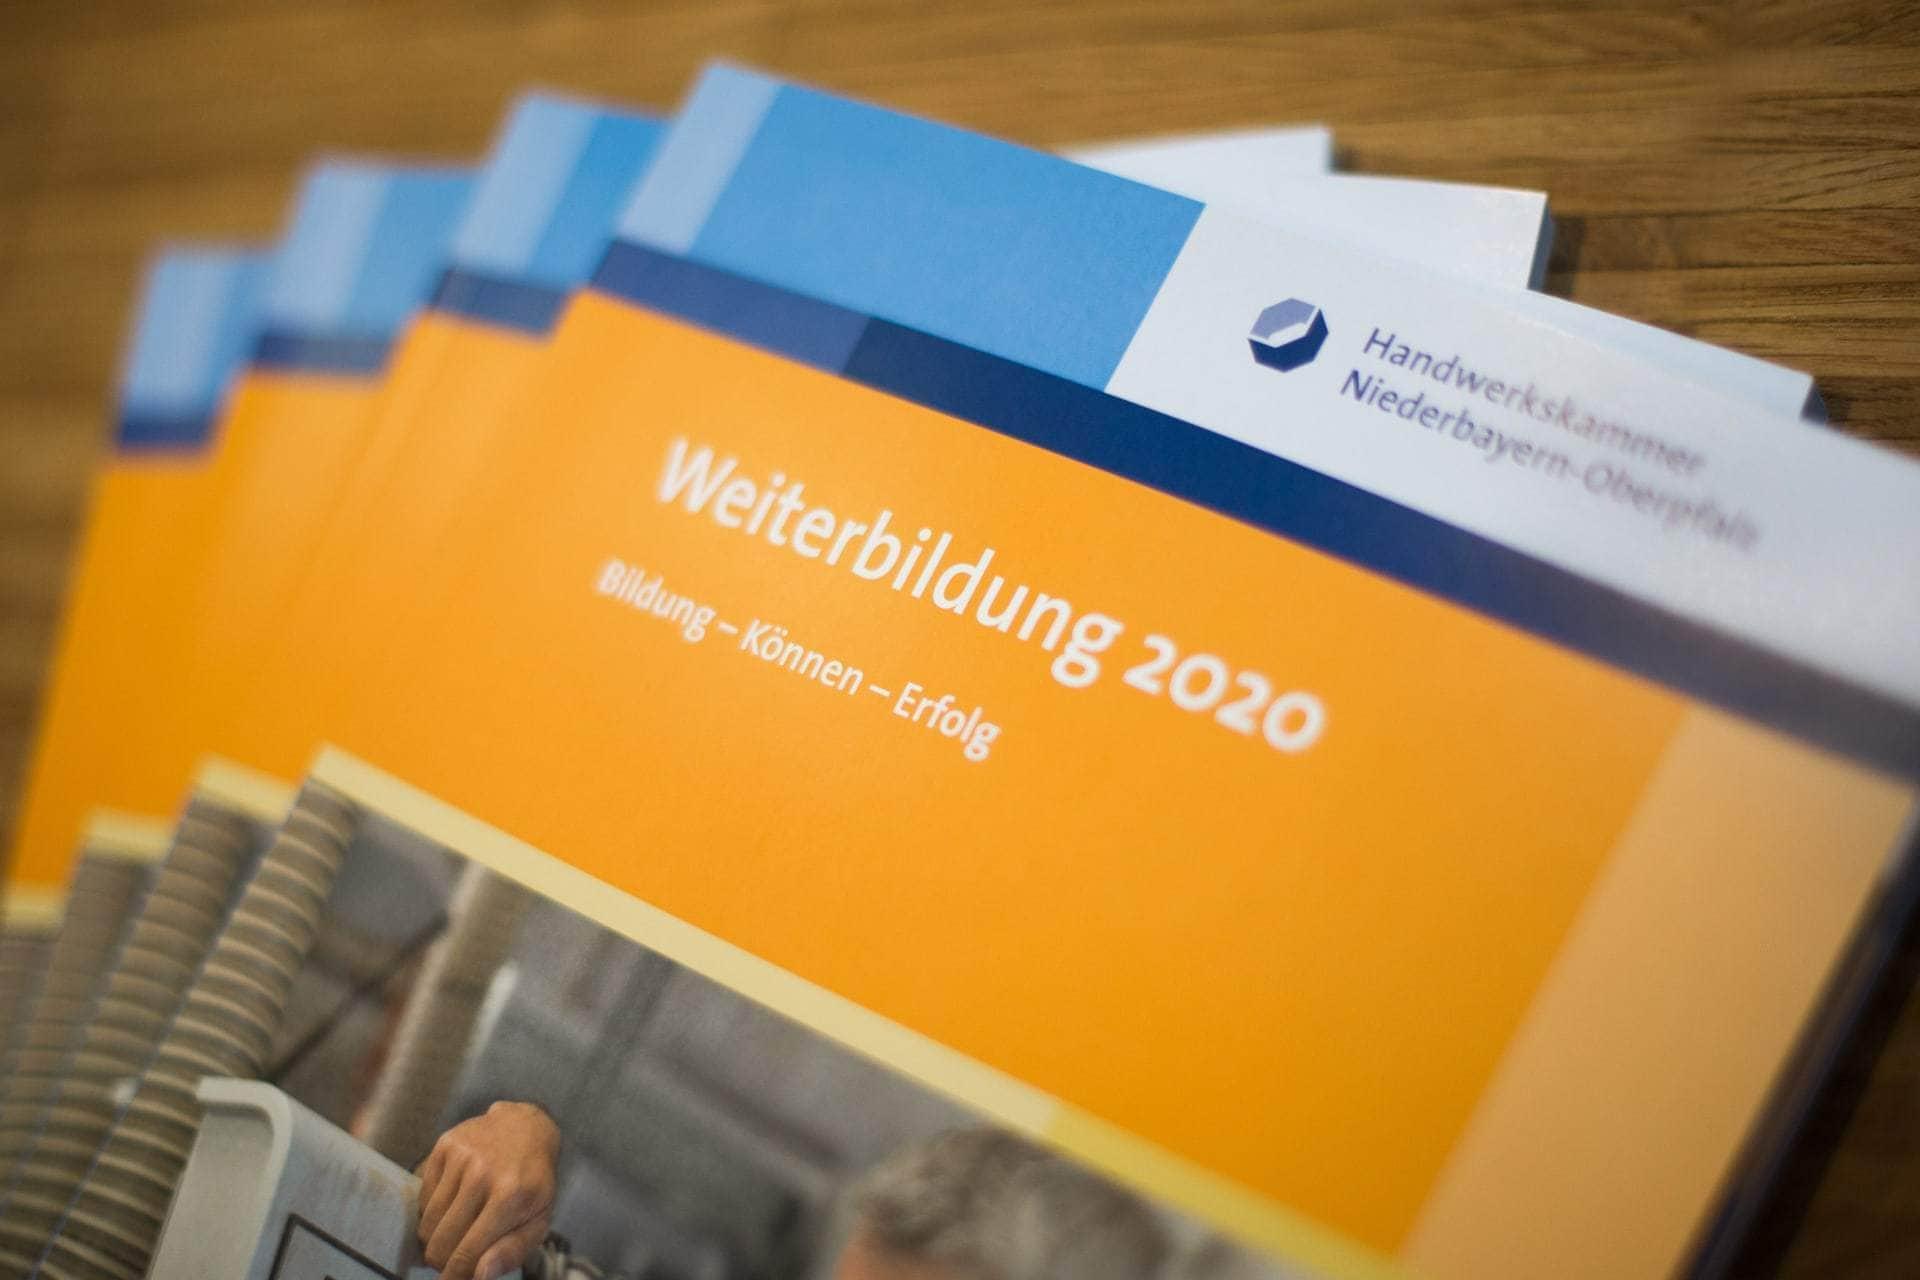 Mit der Handwerkskammer erfolgreich in die Zukunft starten Kursprogramm 2020